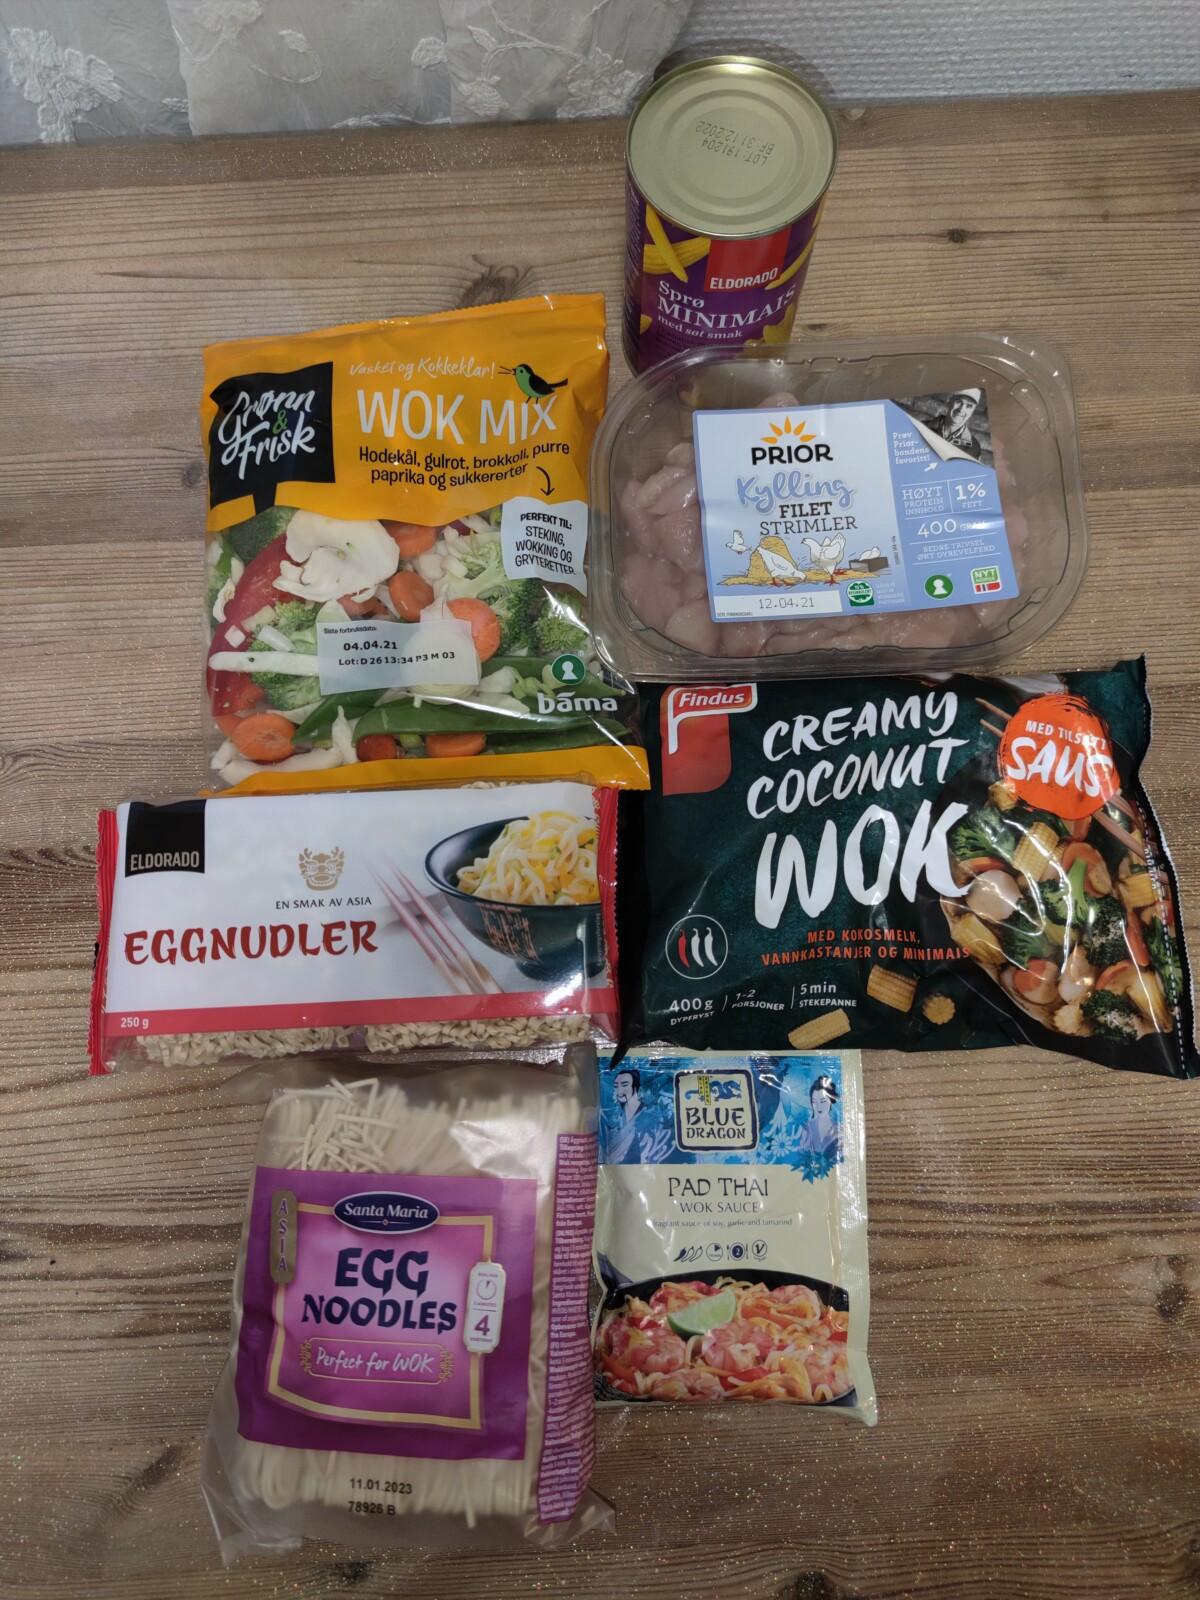 mathandel-mat-handel-middag-innkjøp-matinnkjøp-matkjøp-handle-shopping-kjøp-godteri-påske-godpåske-goddis-helg-matinspo-matforslag-kiwi-isalicious1-isalicious-isalicious.blogg-blogger-blogg-blog-blogging-matbutikk-